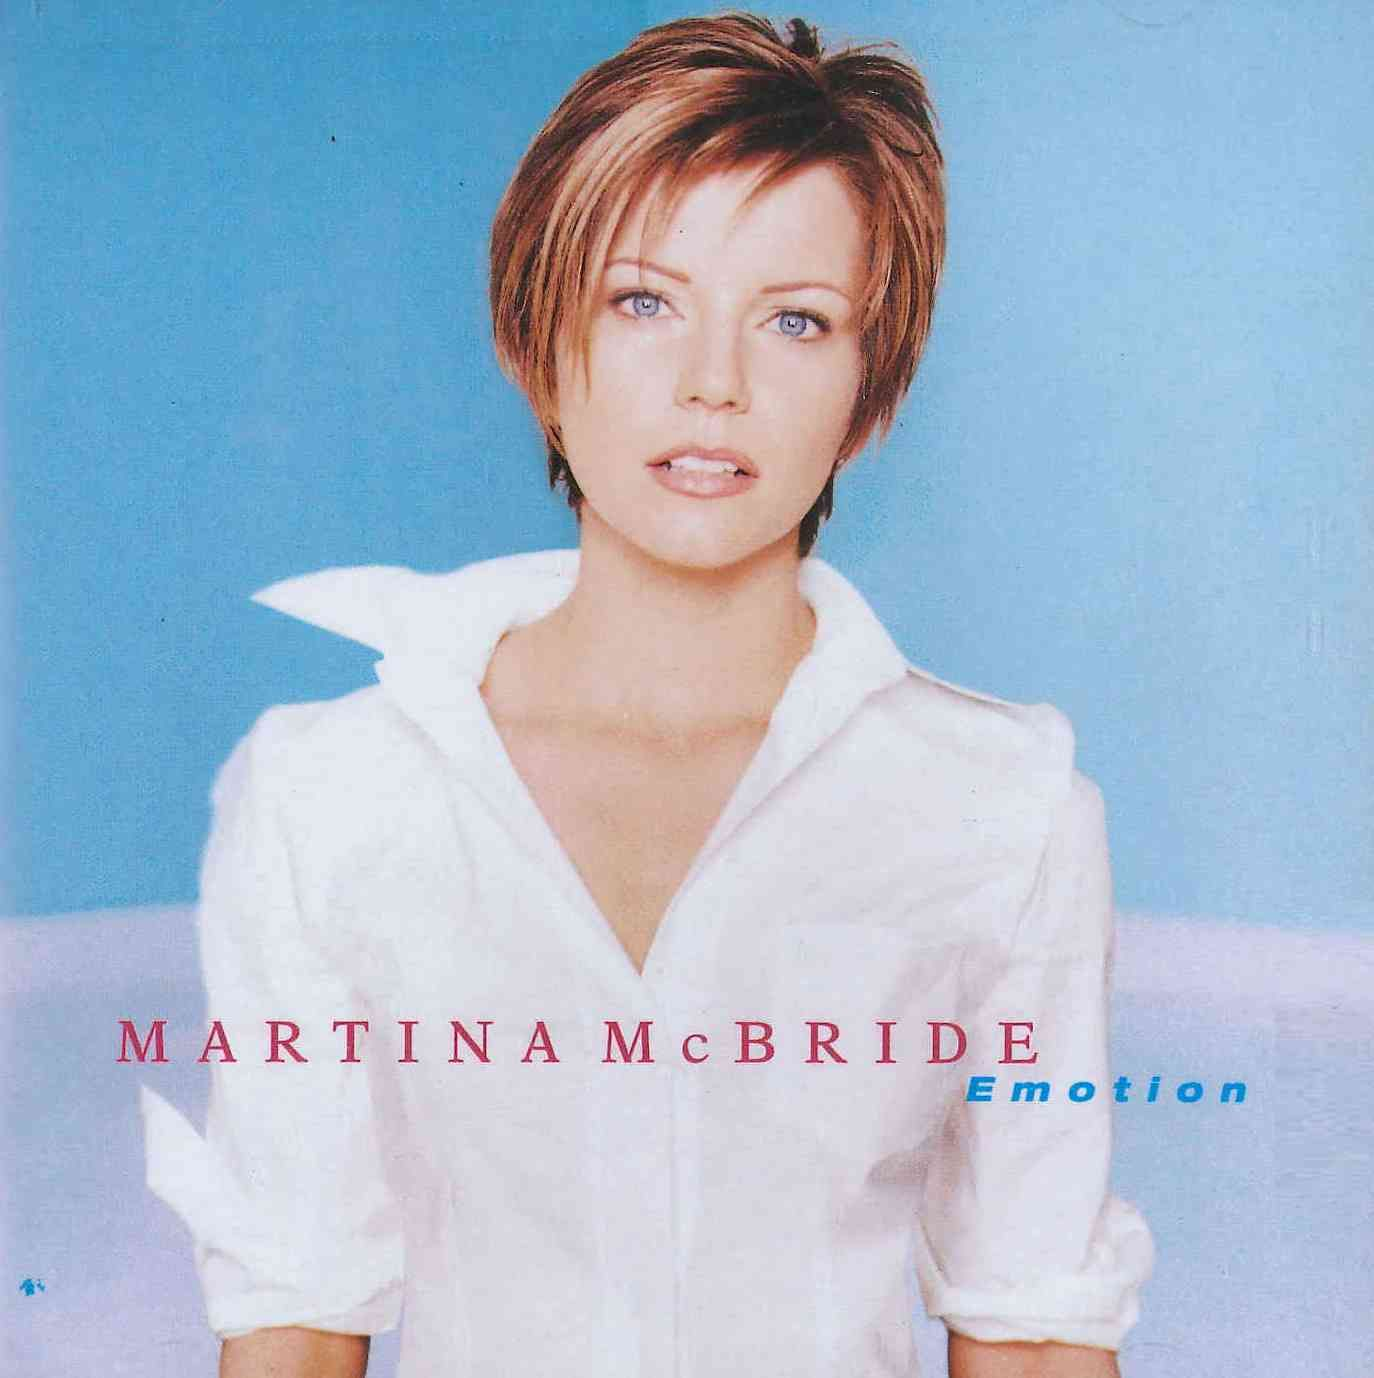 martina mcbride - emotion   hair   martina mcbride, short